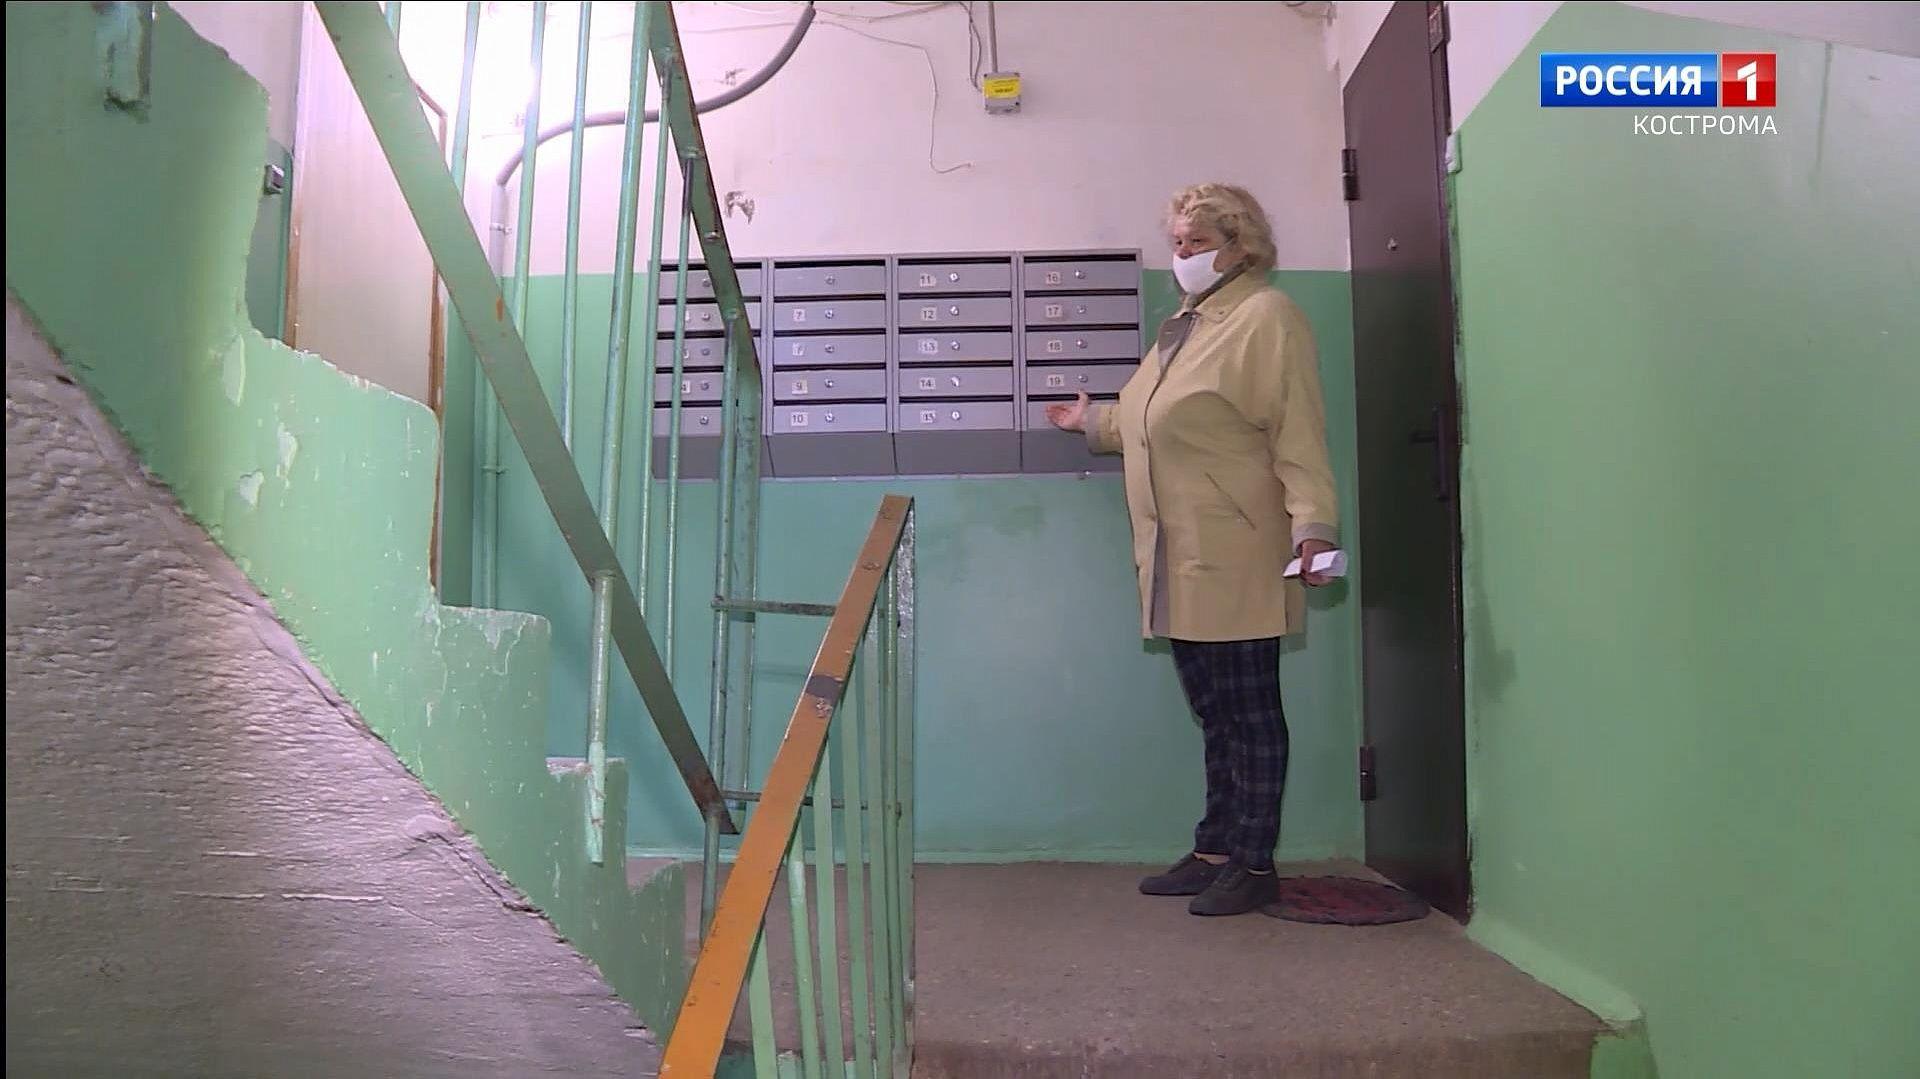 Прокуратура и Роспотребнадзор спросят с костромских управляющих компаний за уборку